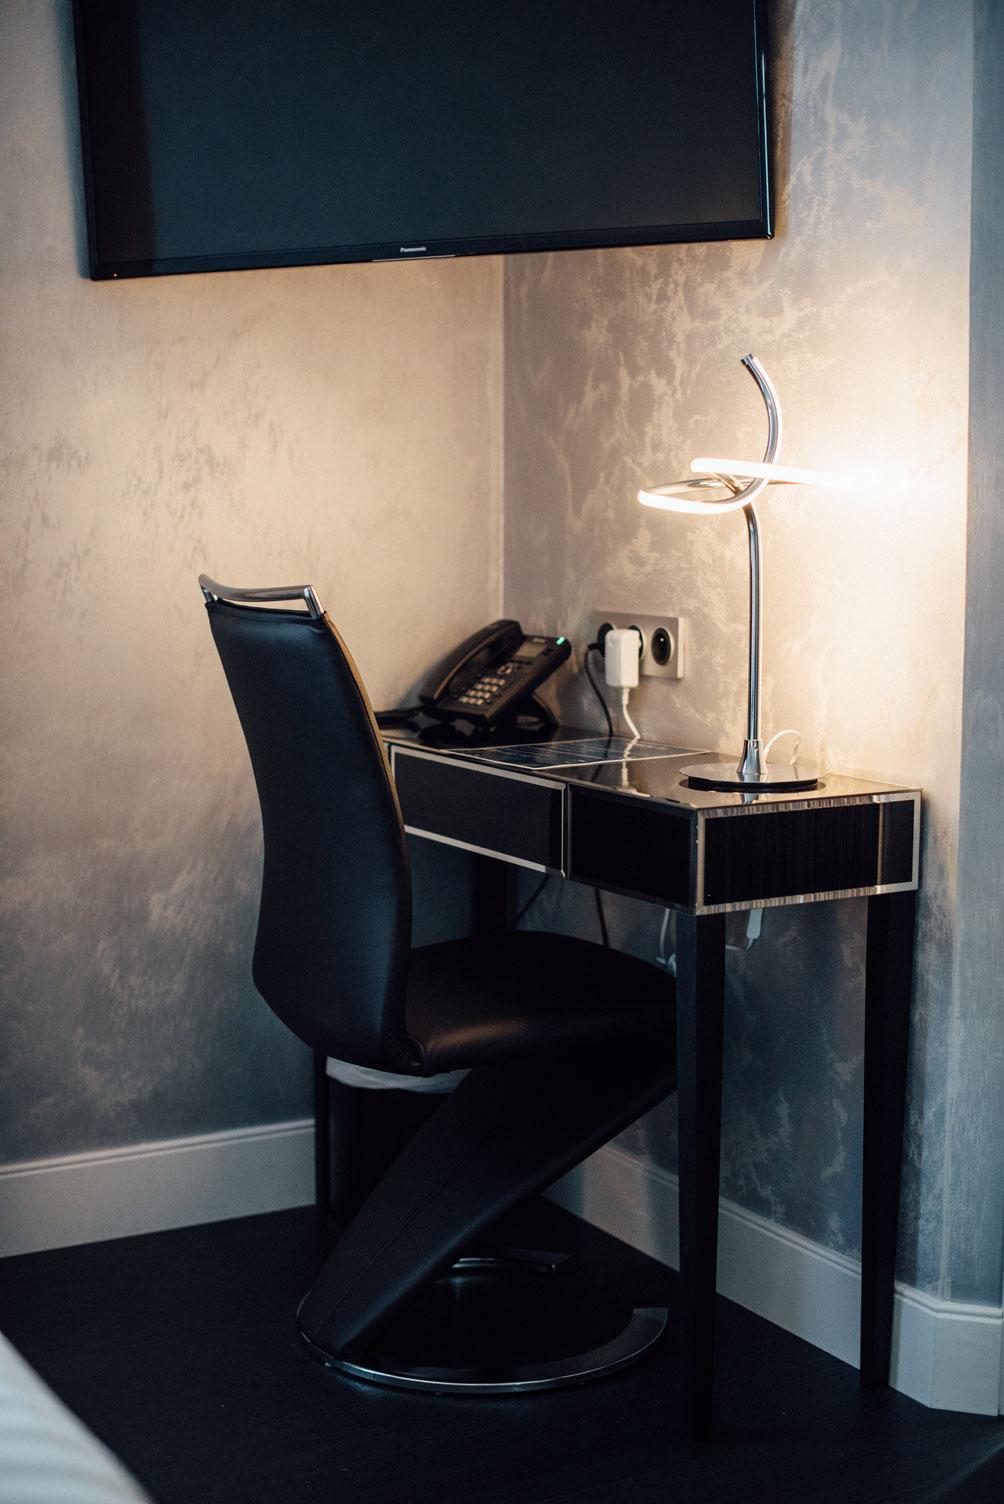 Table, chaise, lampe de chevet, téléphone et prises electriques | Amirauté Hôtel La Baule